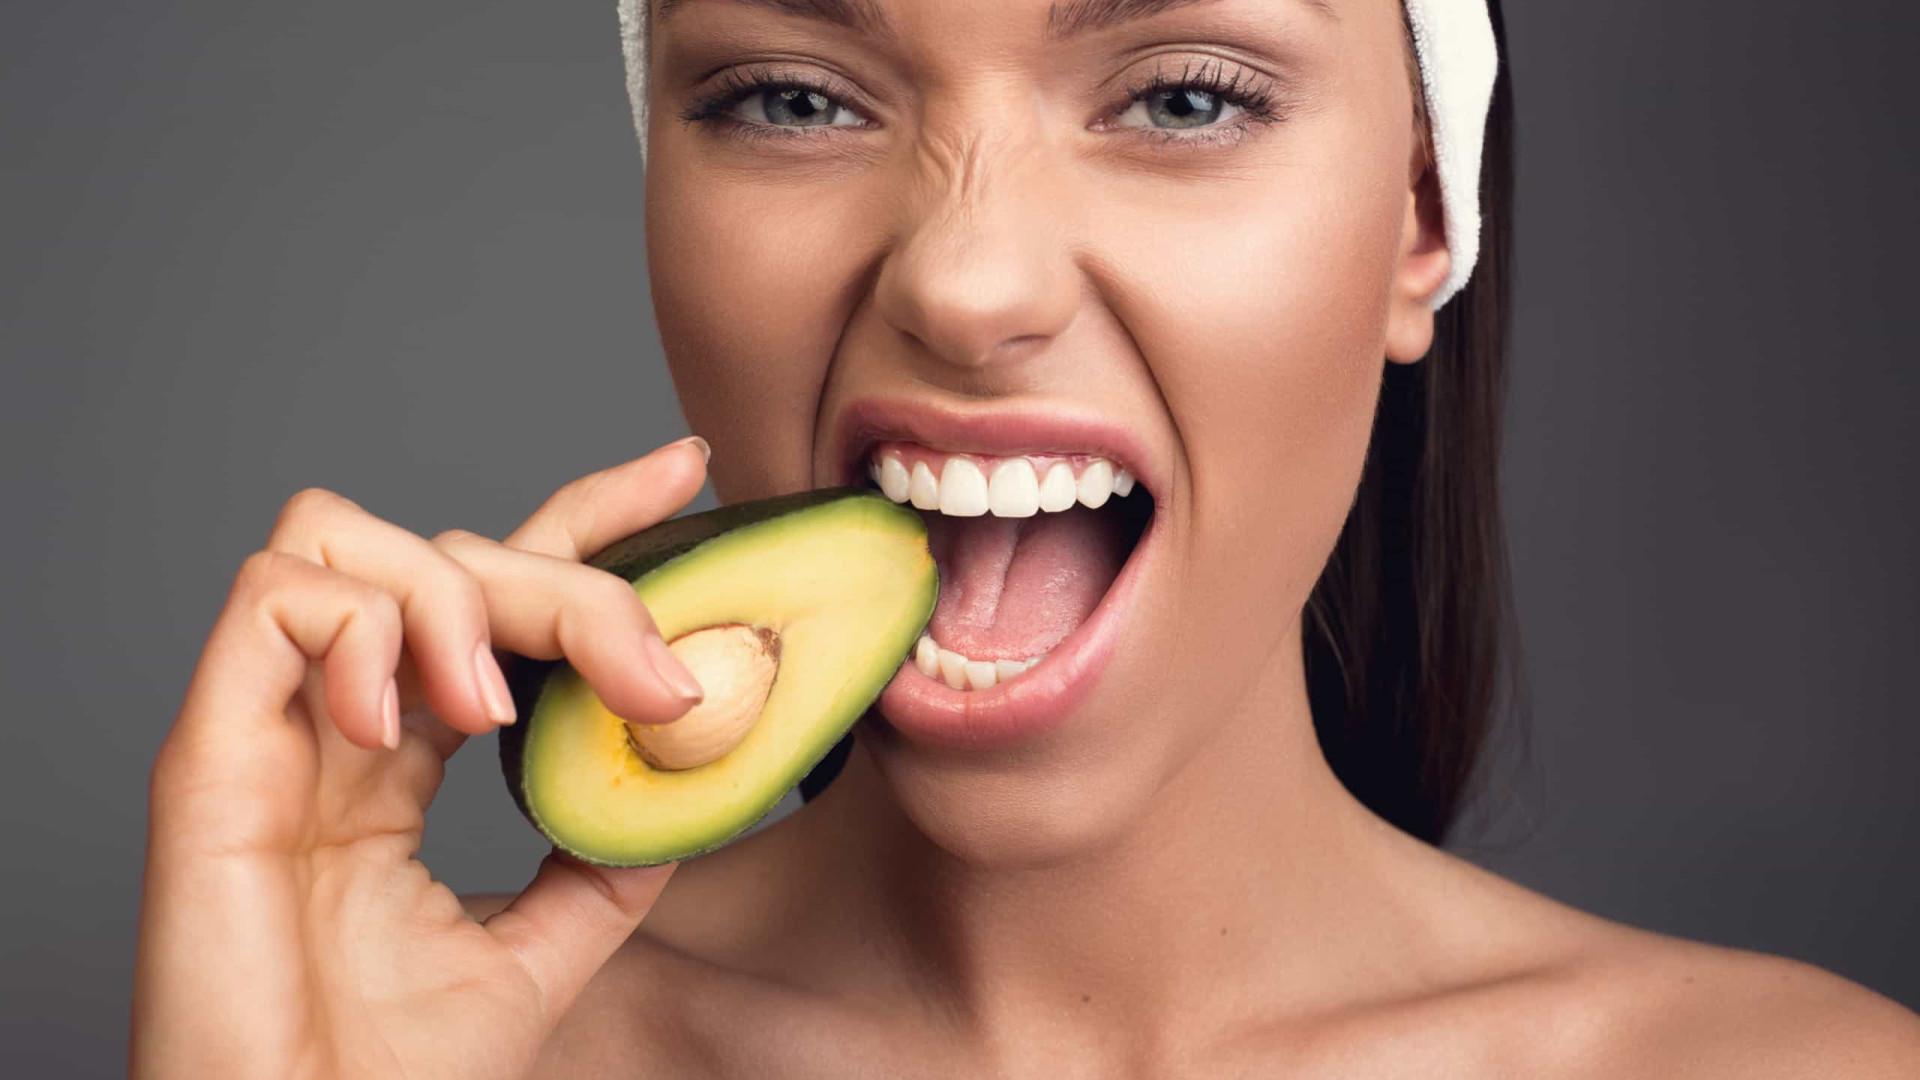 Superalimentos ricos em antioxidantes que retardam o envelhecimento